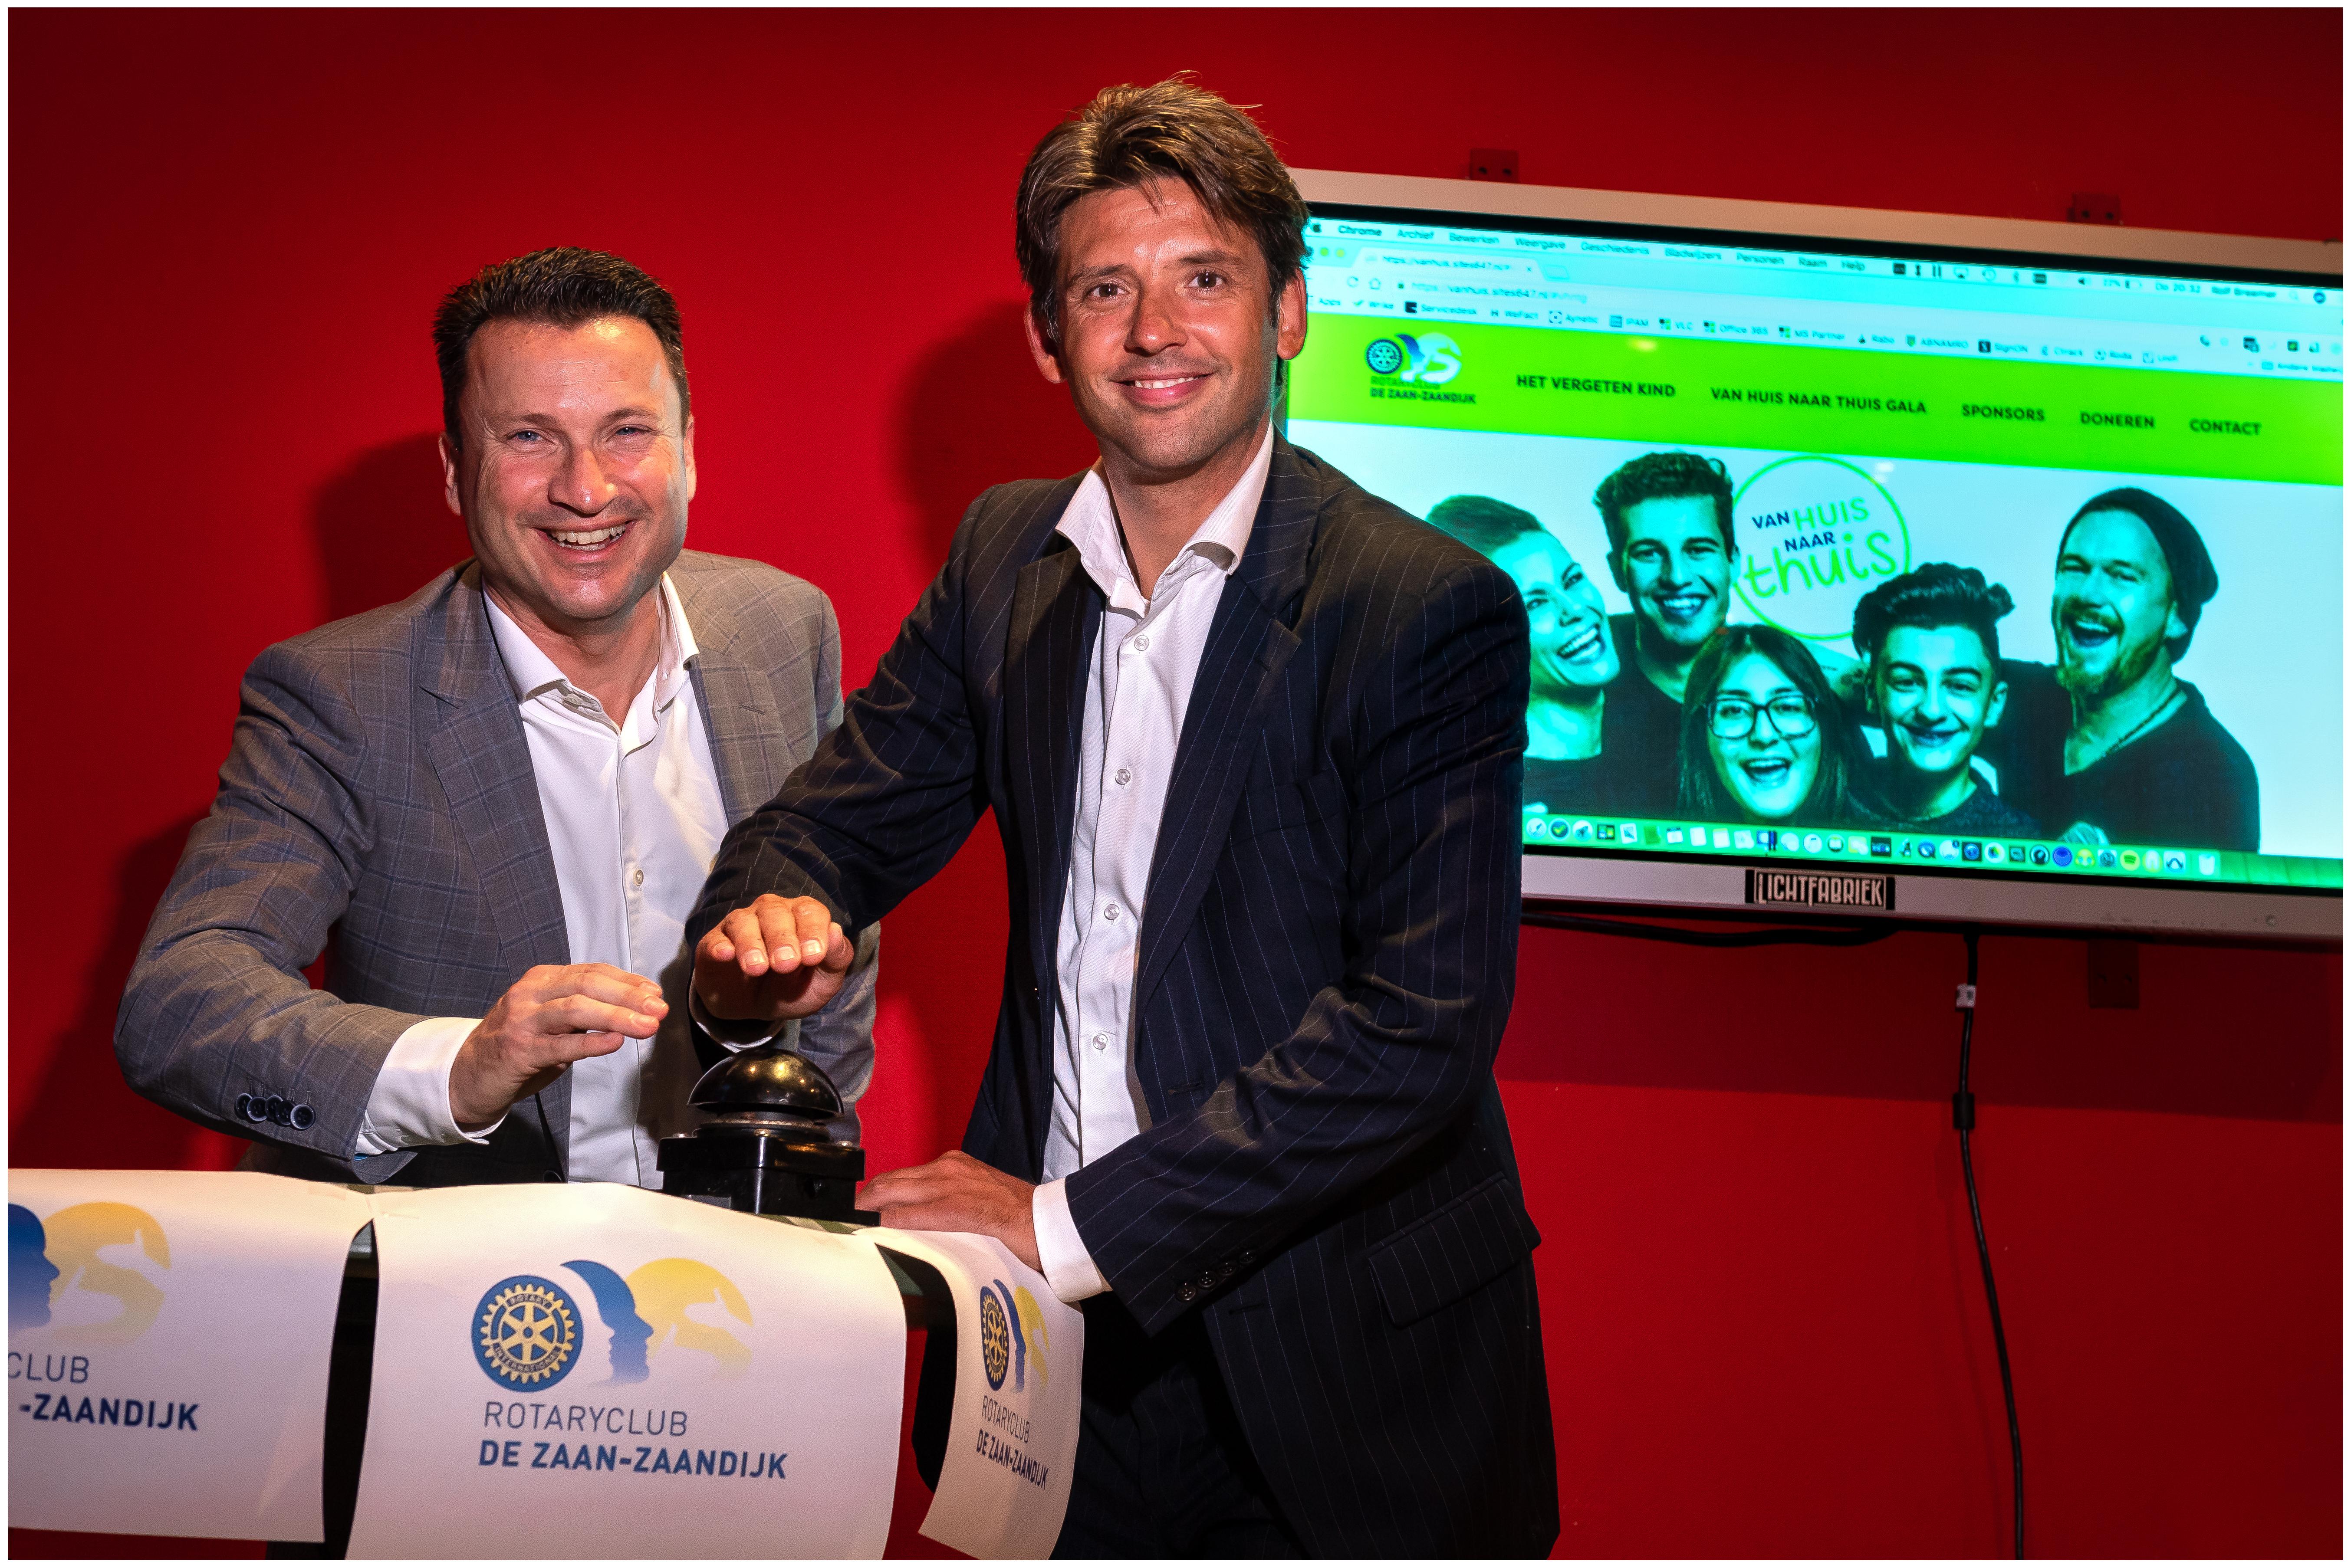 Wethouder Gerard Ram (rechts) en voorzitter van RC De Zaan - Zaandijk Olof Frankfort (links). (Foto: Bart Homburg)